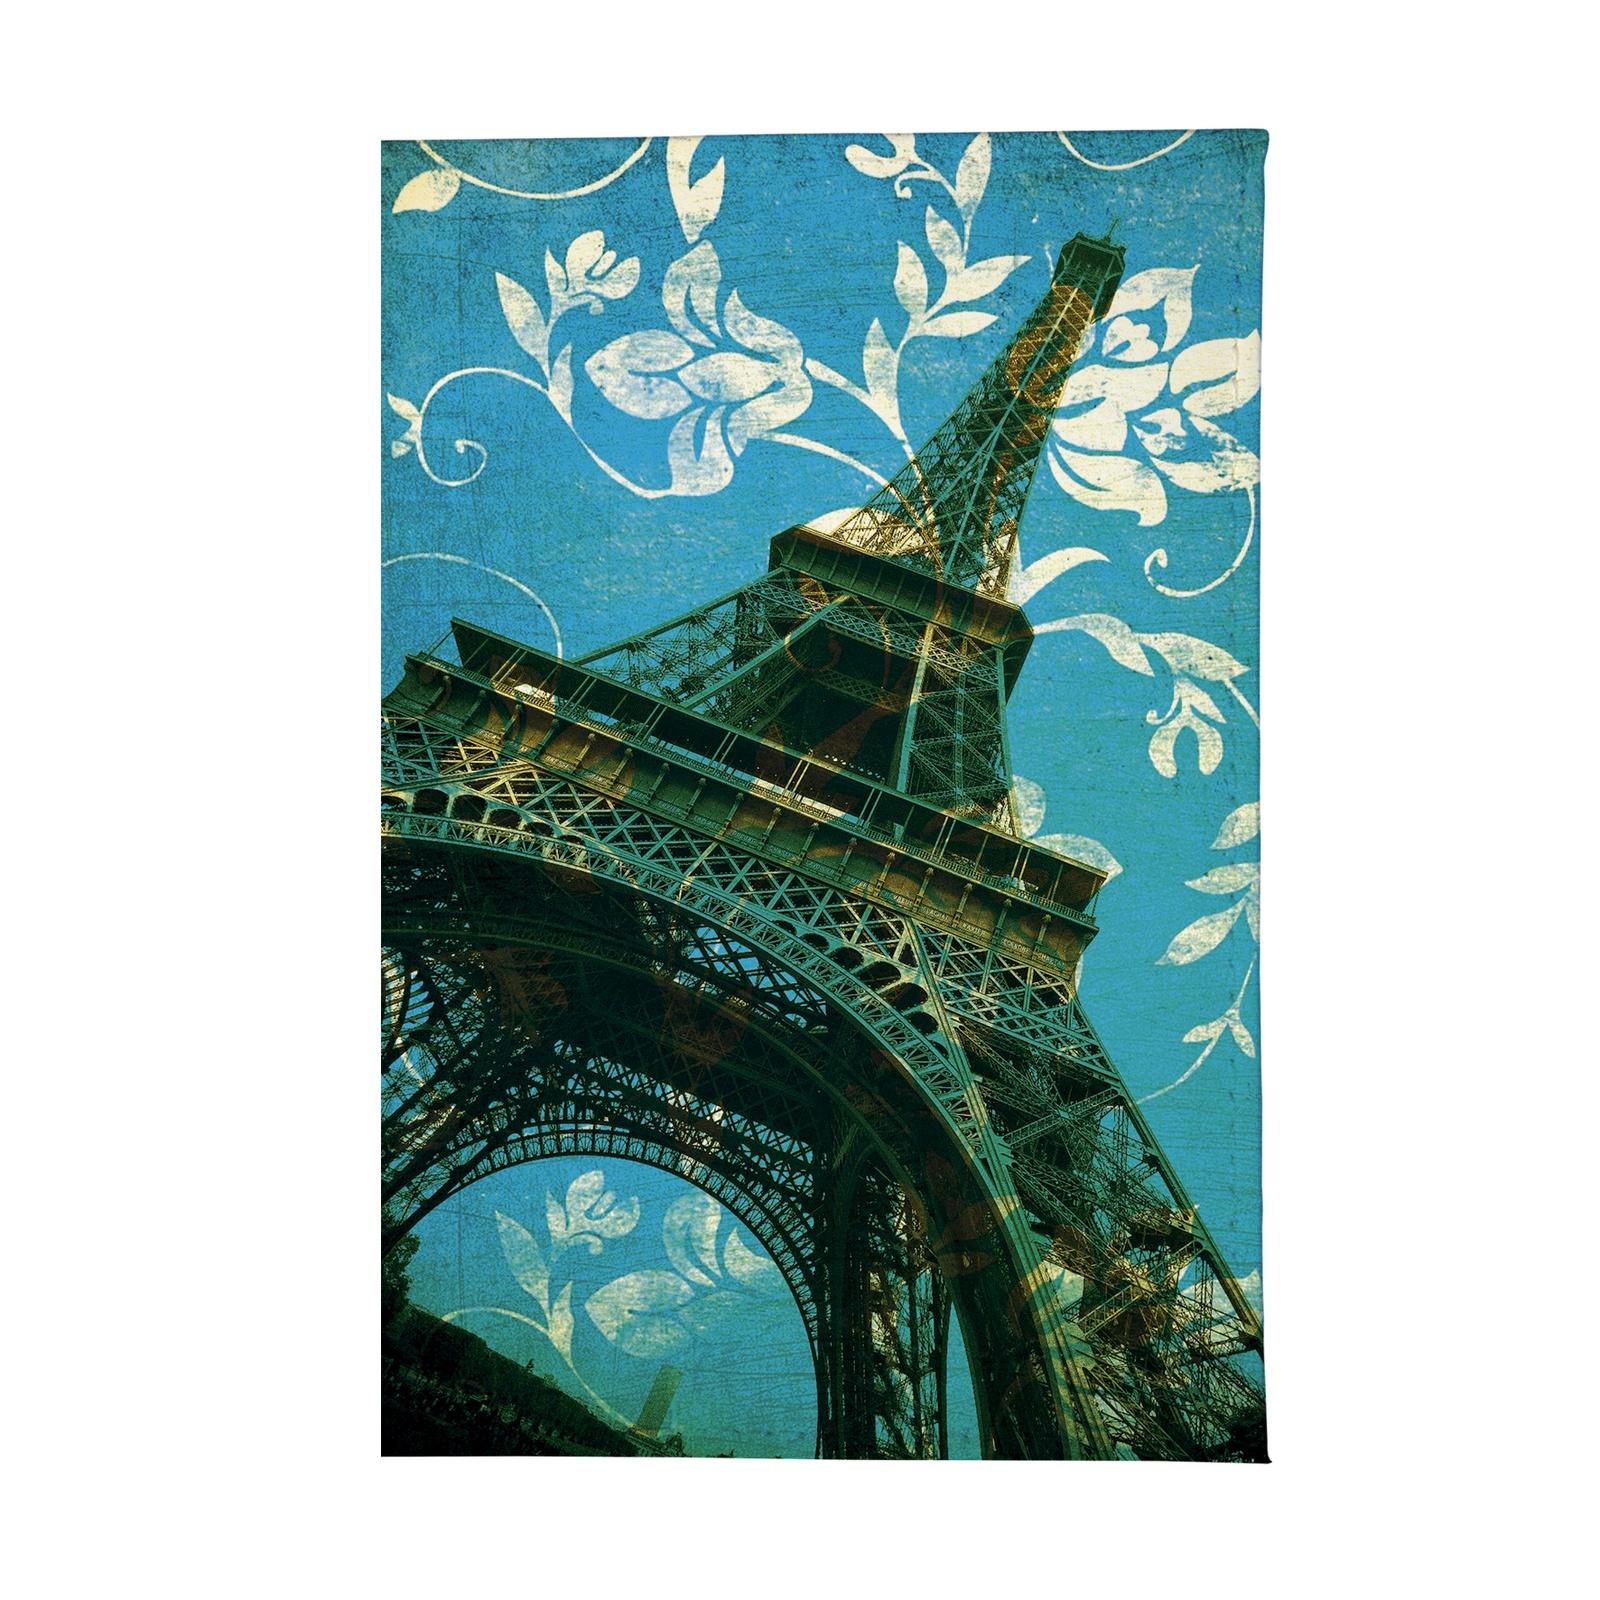 Обложка для паспорта Mitya Veselkov OK194, синий обложка для паспорта кожаная mitya veselkov эйфелева осенью